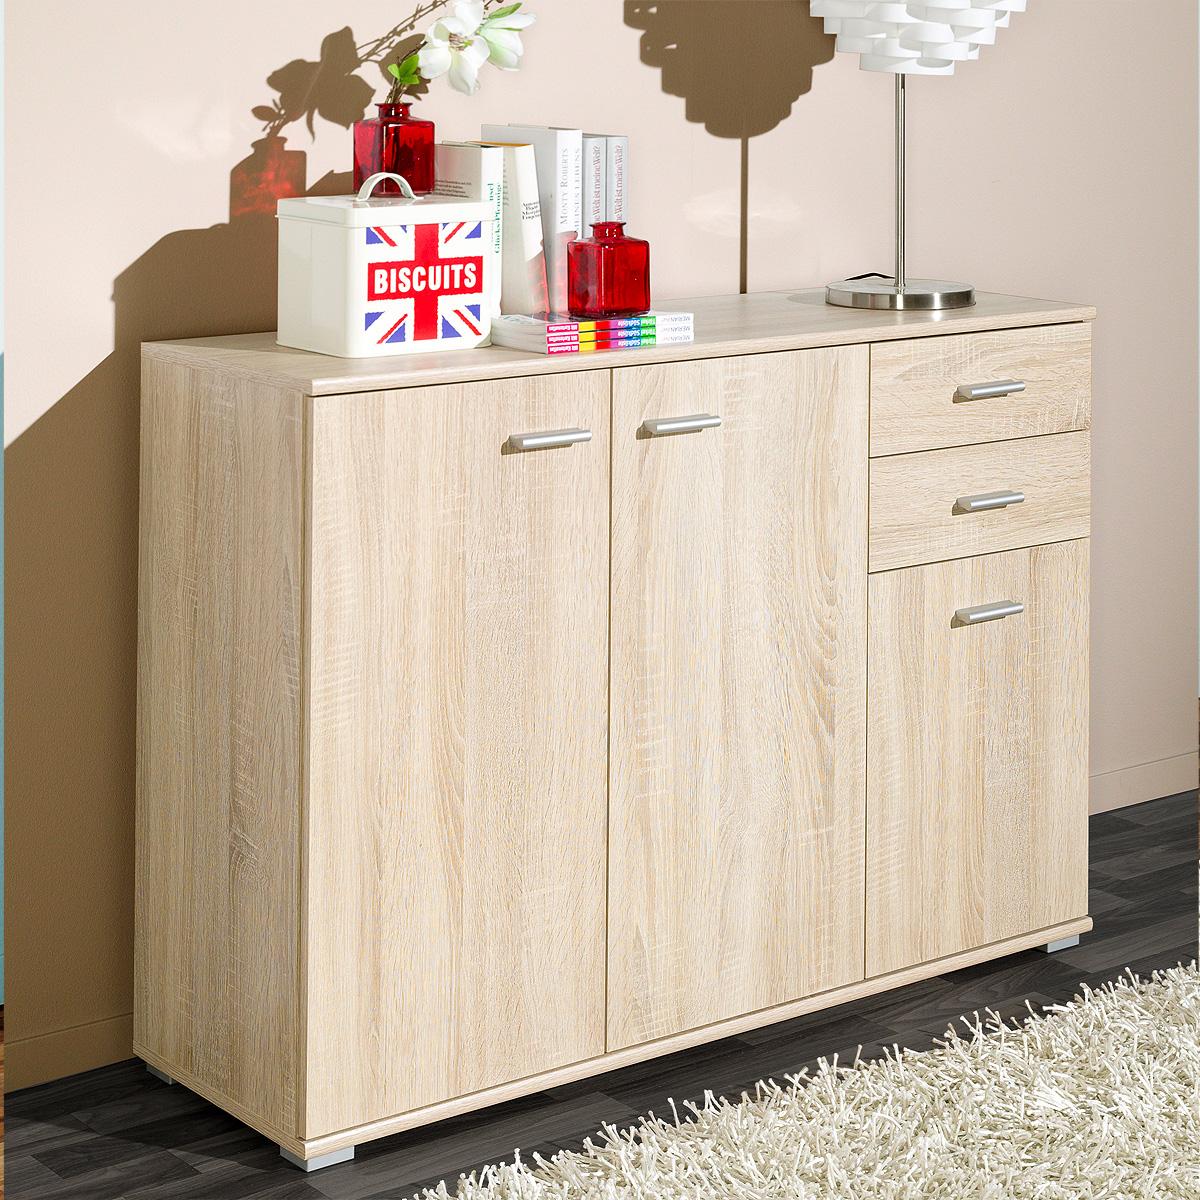 kommode p92 sideboard anrichte schrank wei eiche buche nussbaum von cs schmal ebay. Black Bedroom Furniture Sets. Home Design Ideas